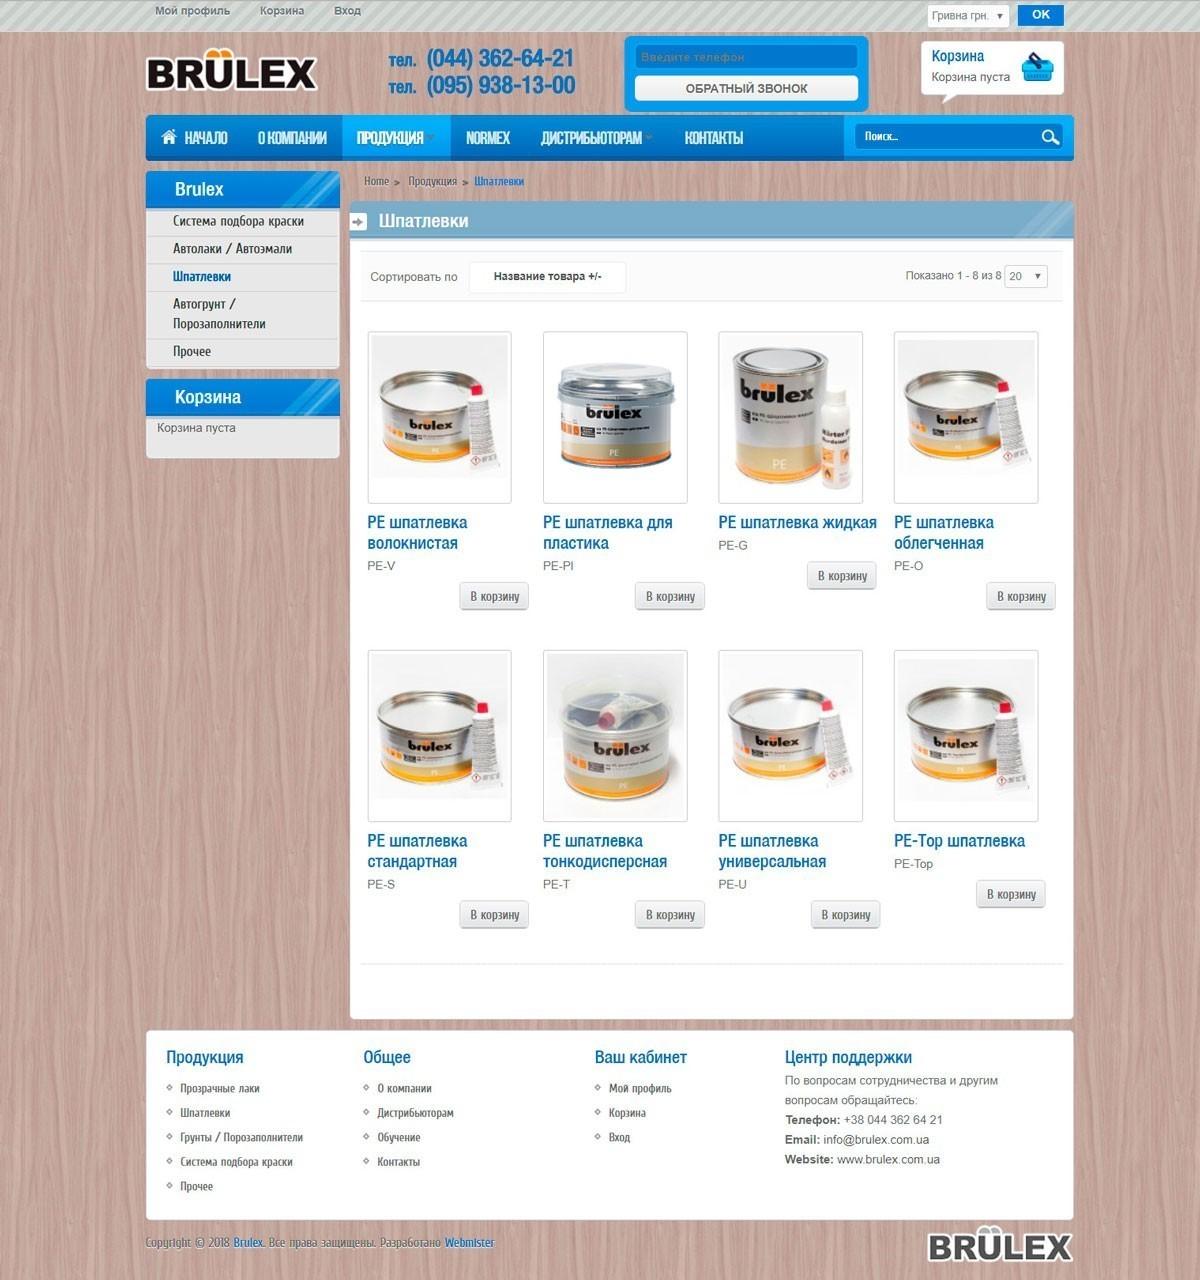 Создание сайта Brulex Ukraine